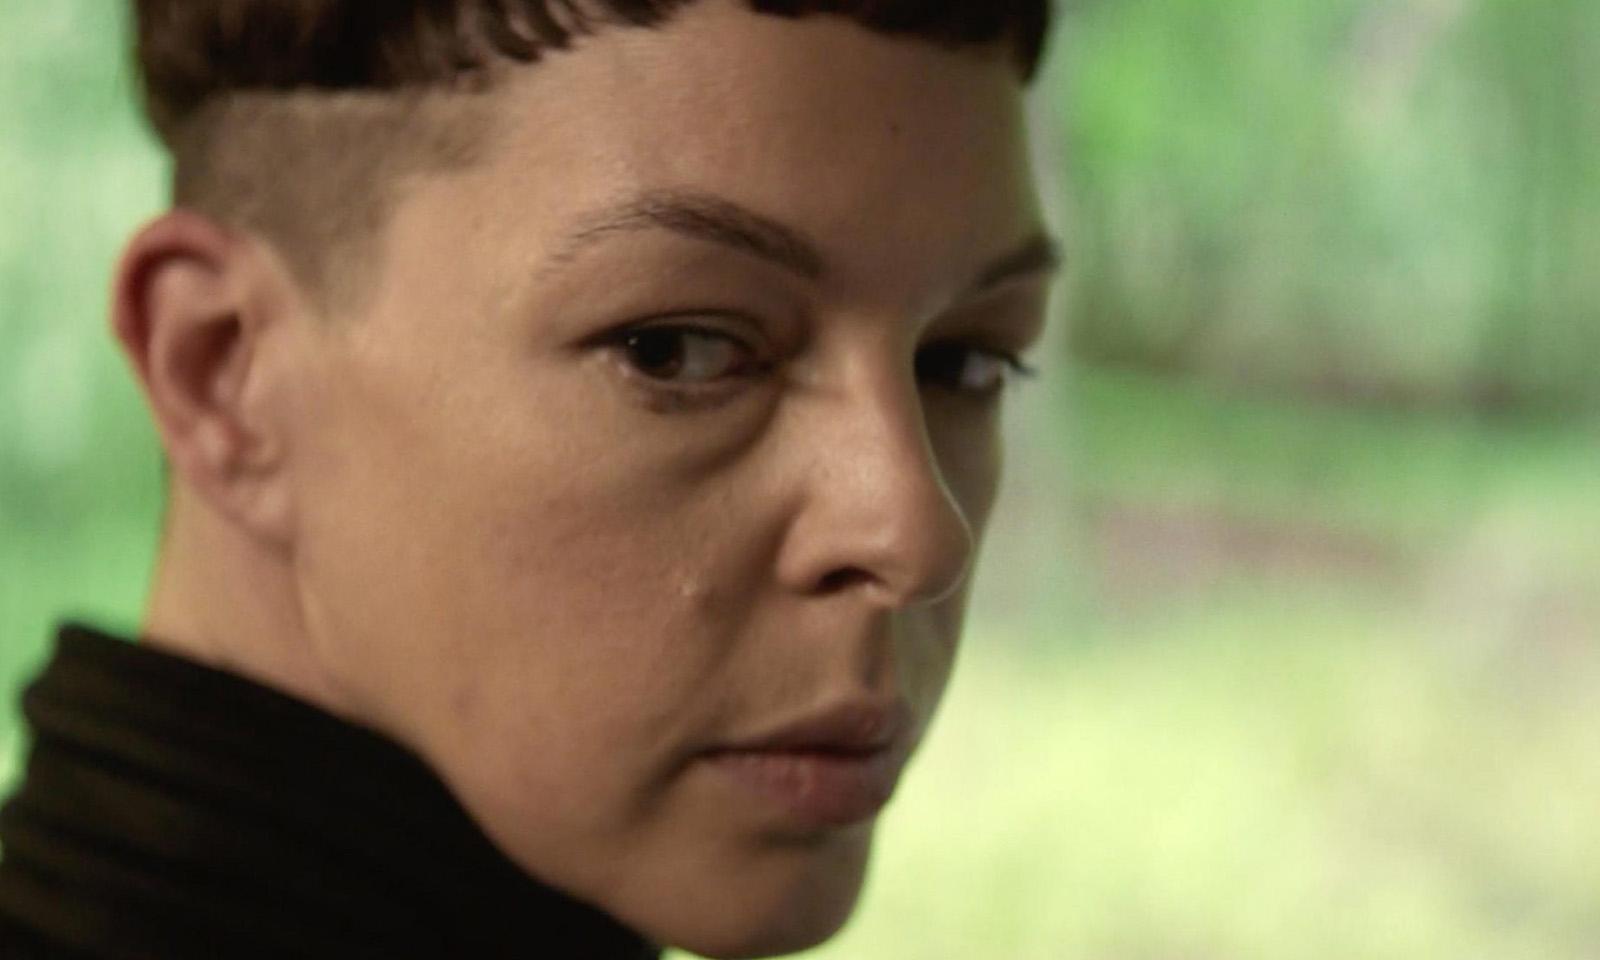 Jadis com um orlhar misterioso e um novo visual em imagem do trailer da 2ª temporada de TWD World Beyond.